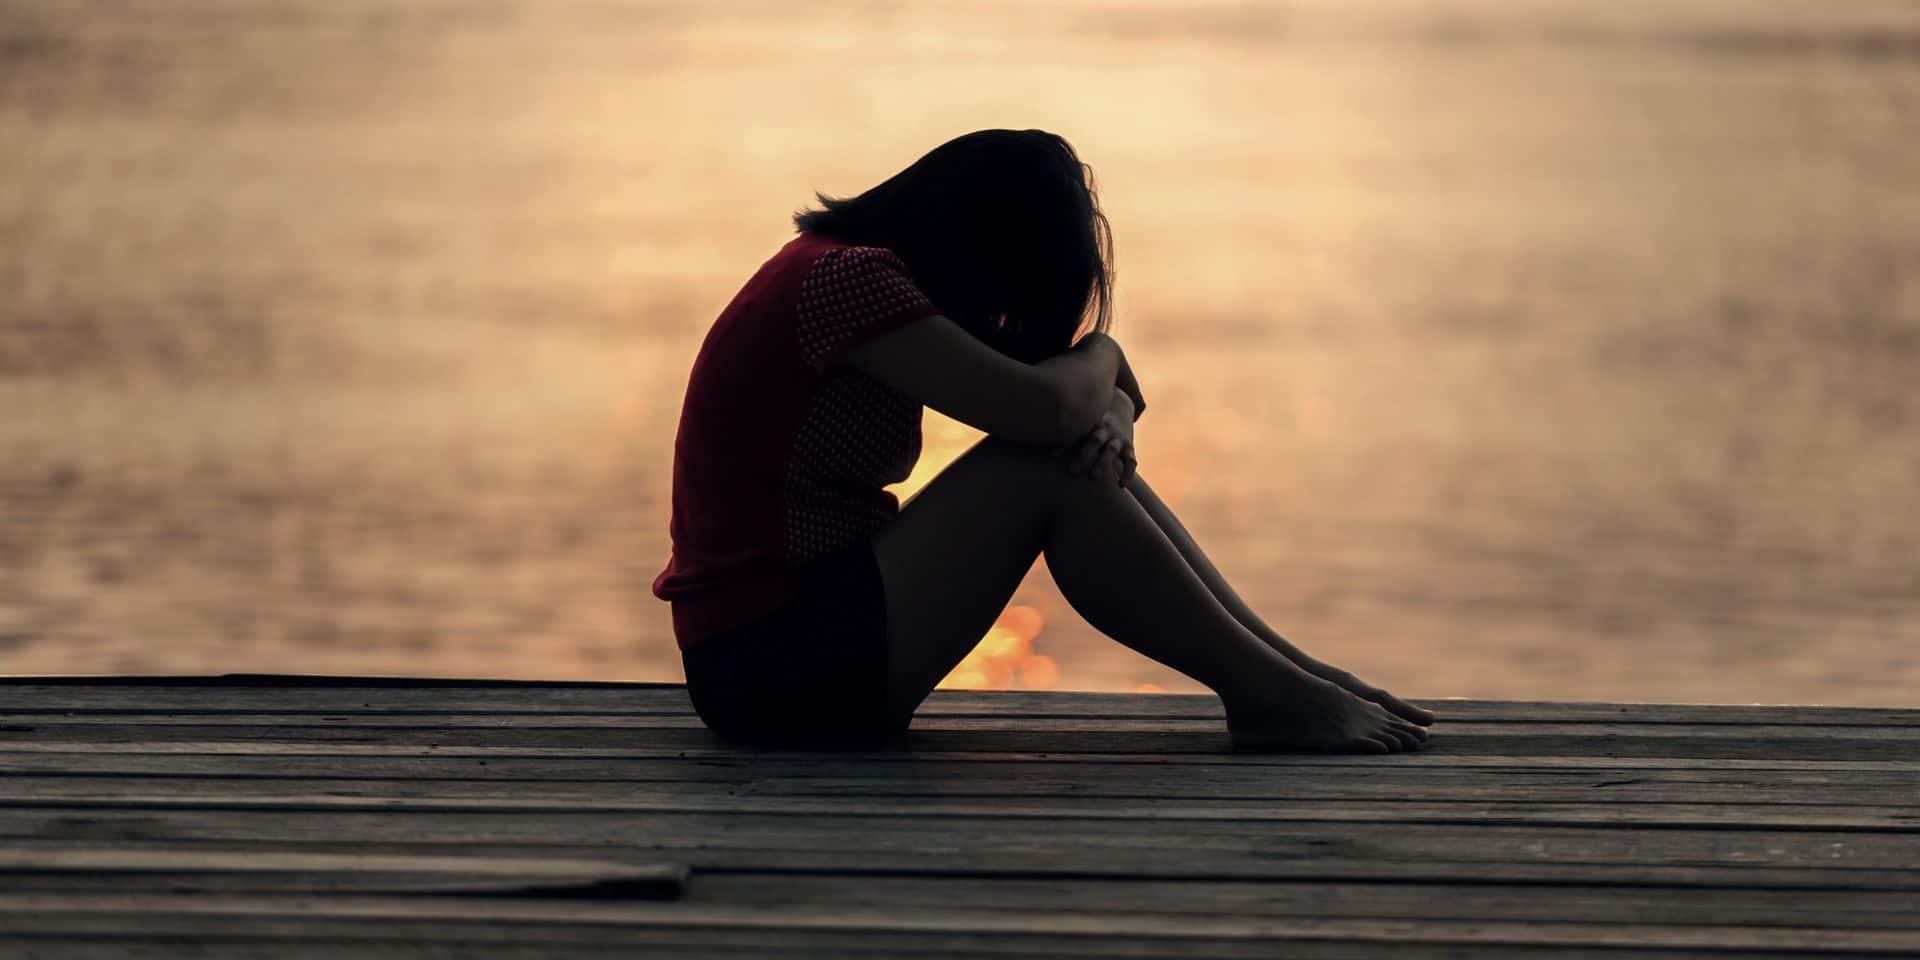 Une personne sur trois en Belgique témoigne d'un mal-être psychologique